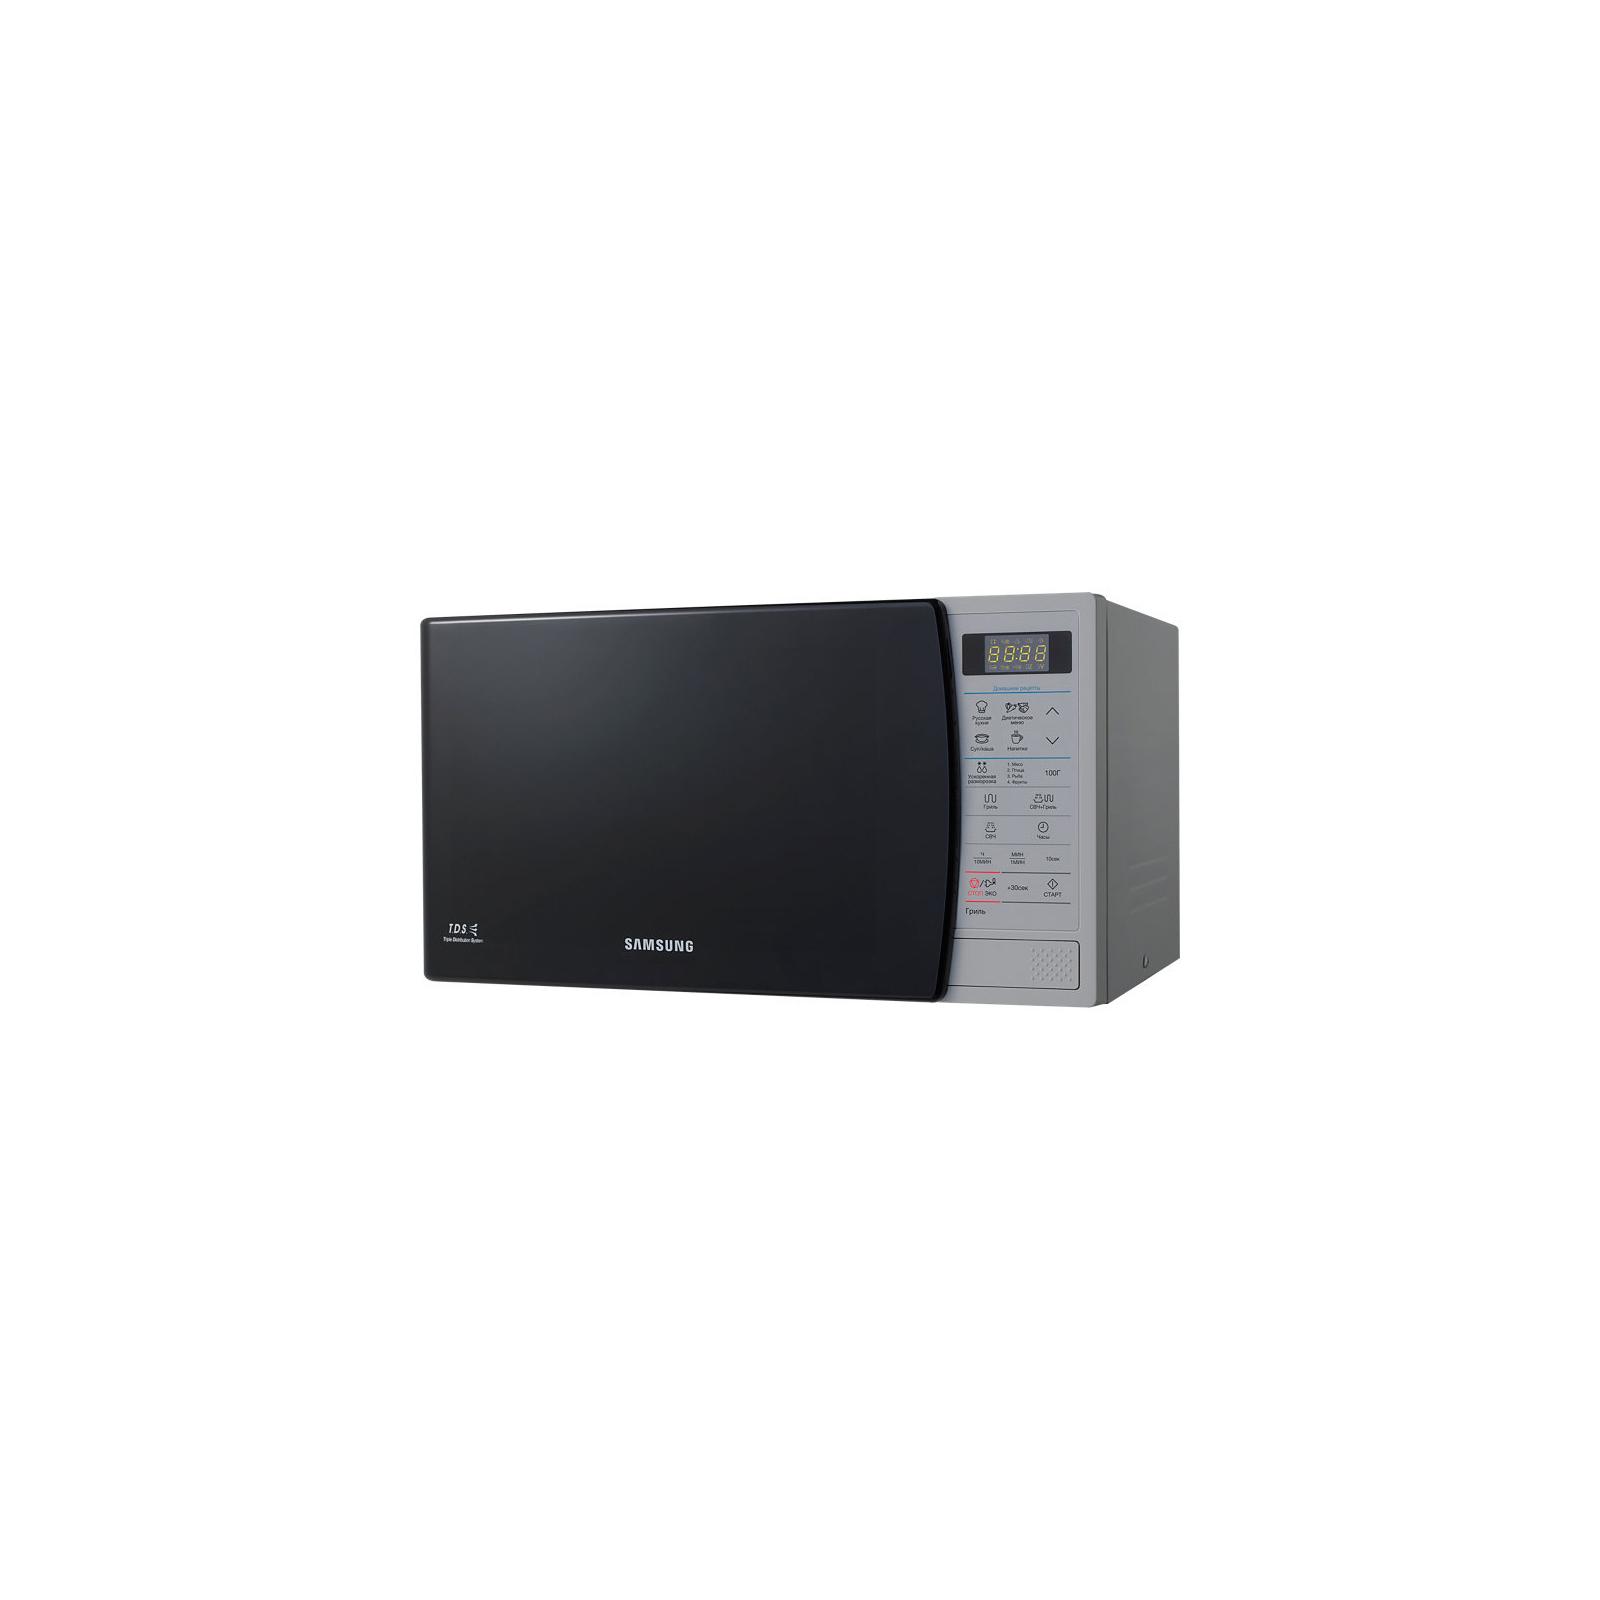 Микроволновая печь Samsung GE 83 KRS-1/BW (GE83KRS-1/BW) изображение 2